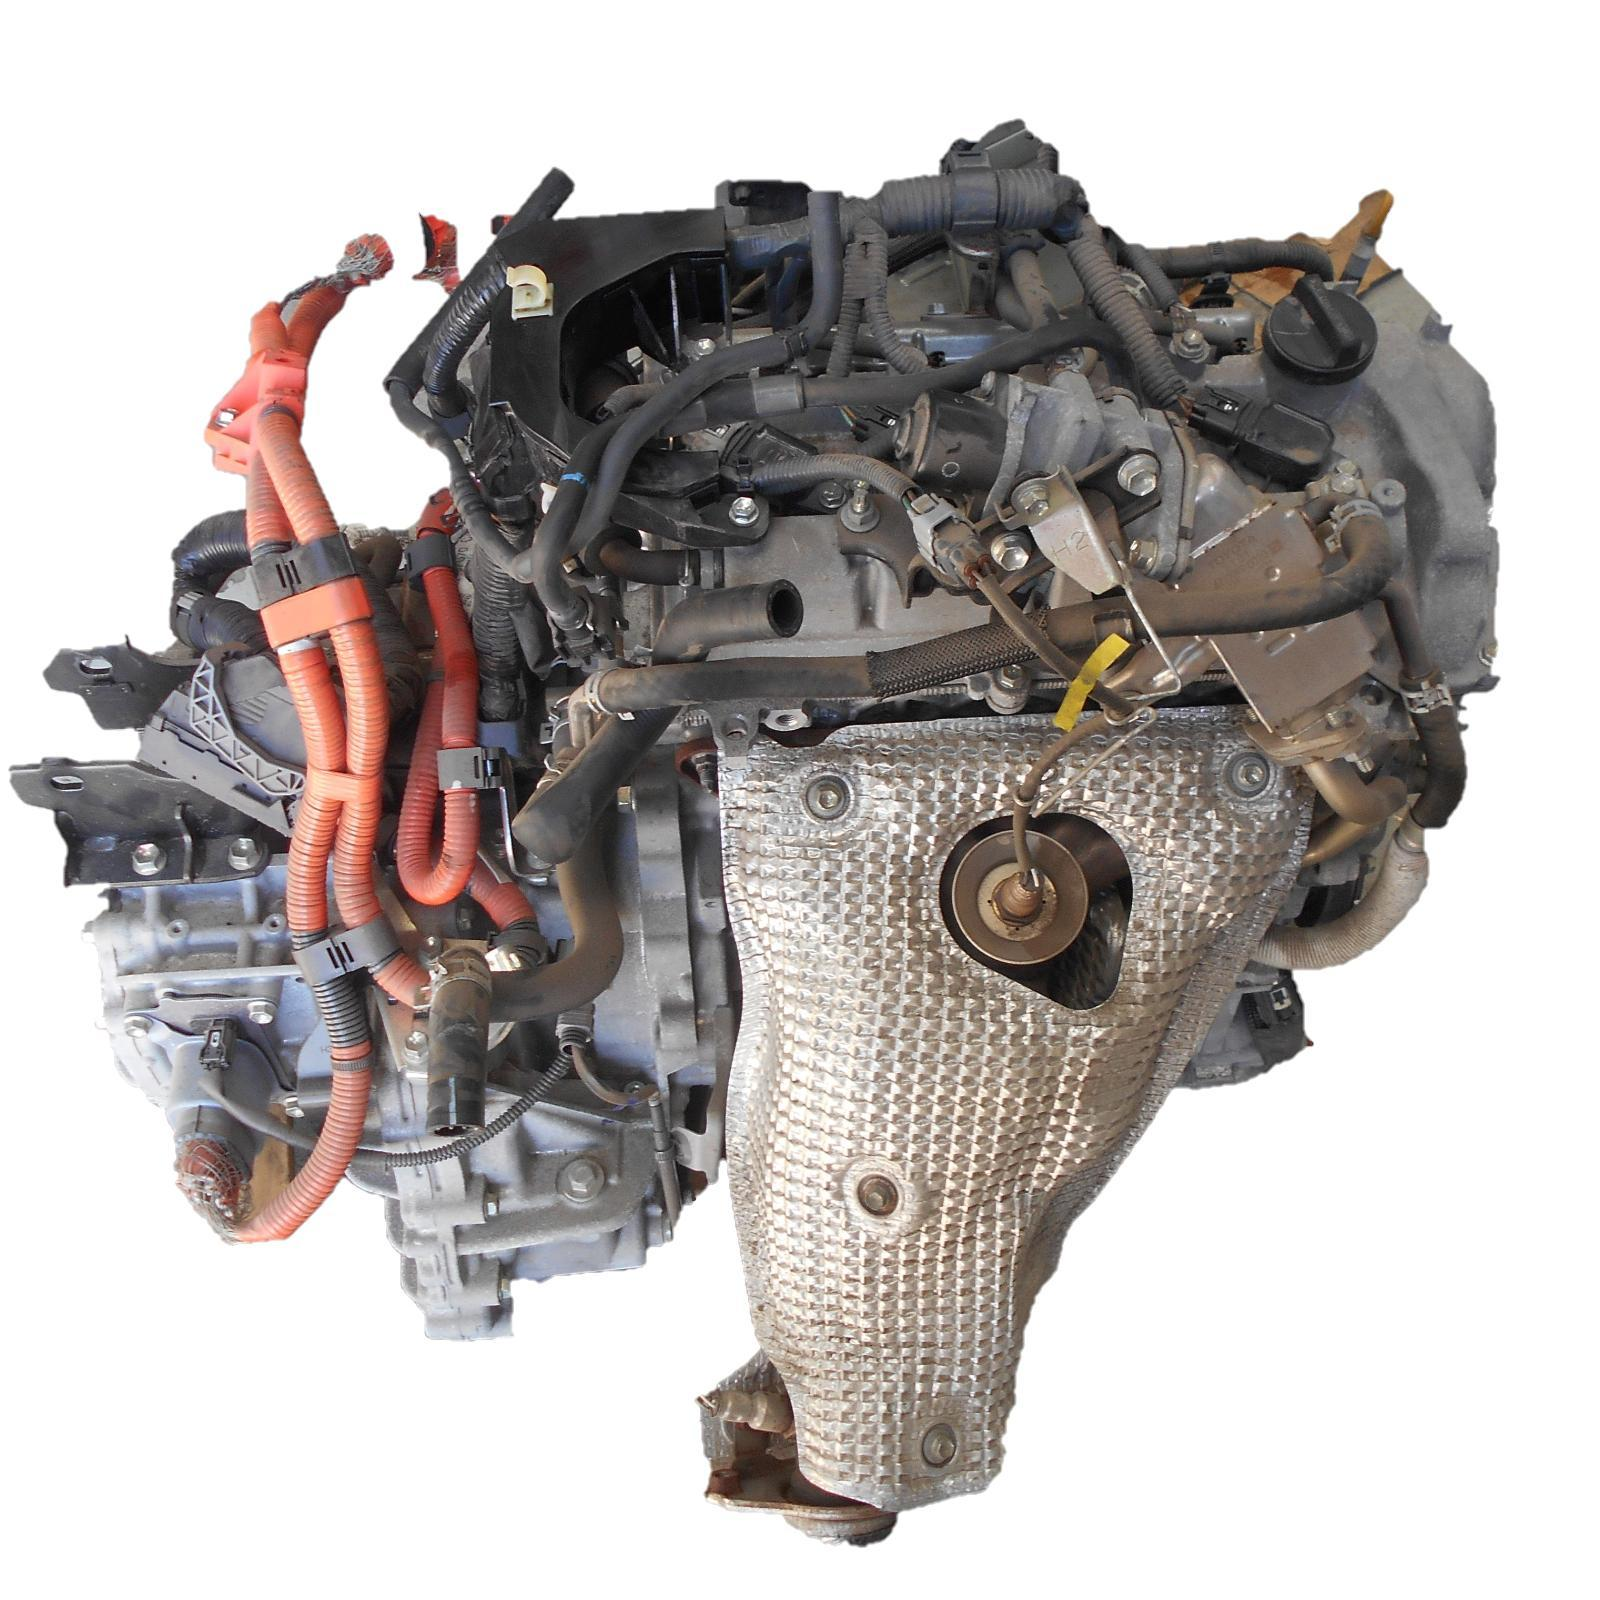 TOYOTA PRIUS, Engine, NHP10R, PRIUS C, PETROL, 1.5, 1NZ-FXE, HYBRID, 12/11-